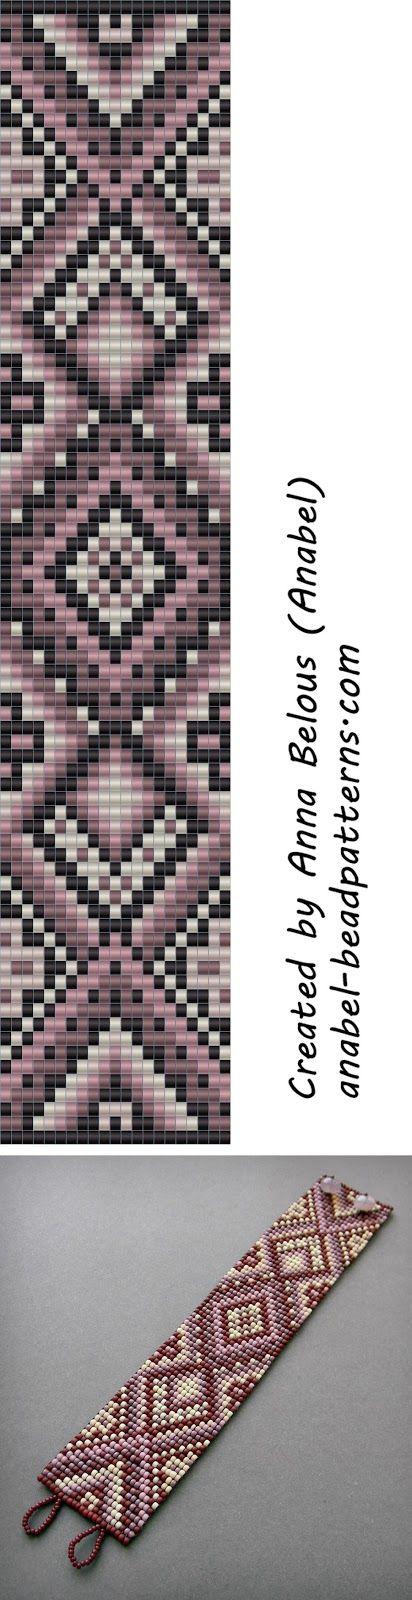 Схема браслета в сиреневых тонах - ткачество / гобеленовое плетение beaded pattern #beadwork #bracelet